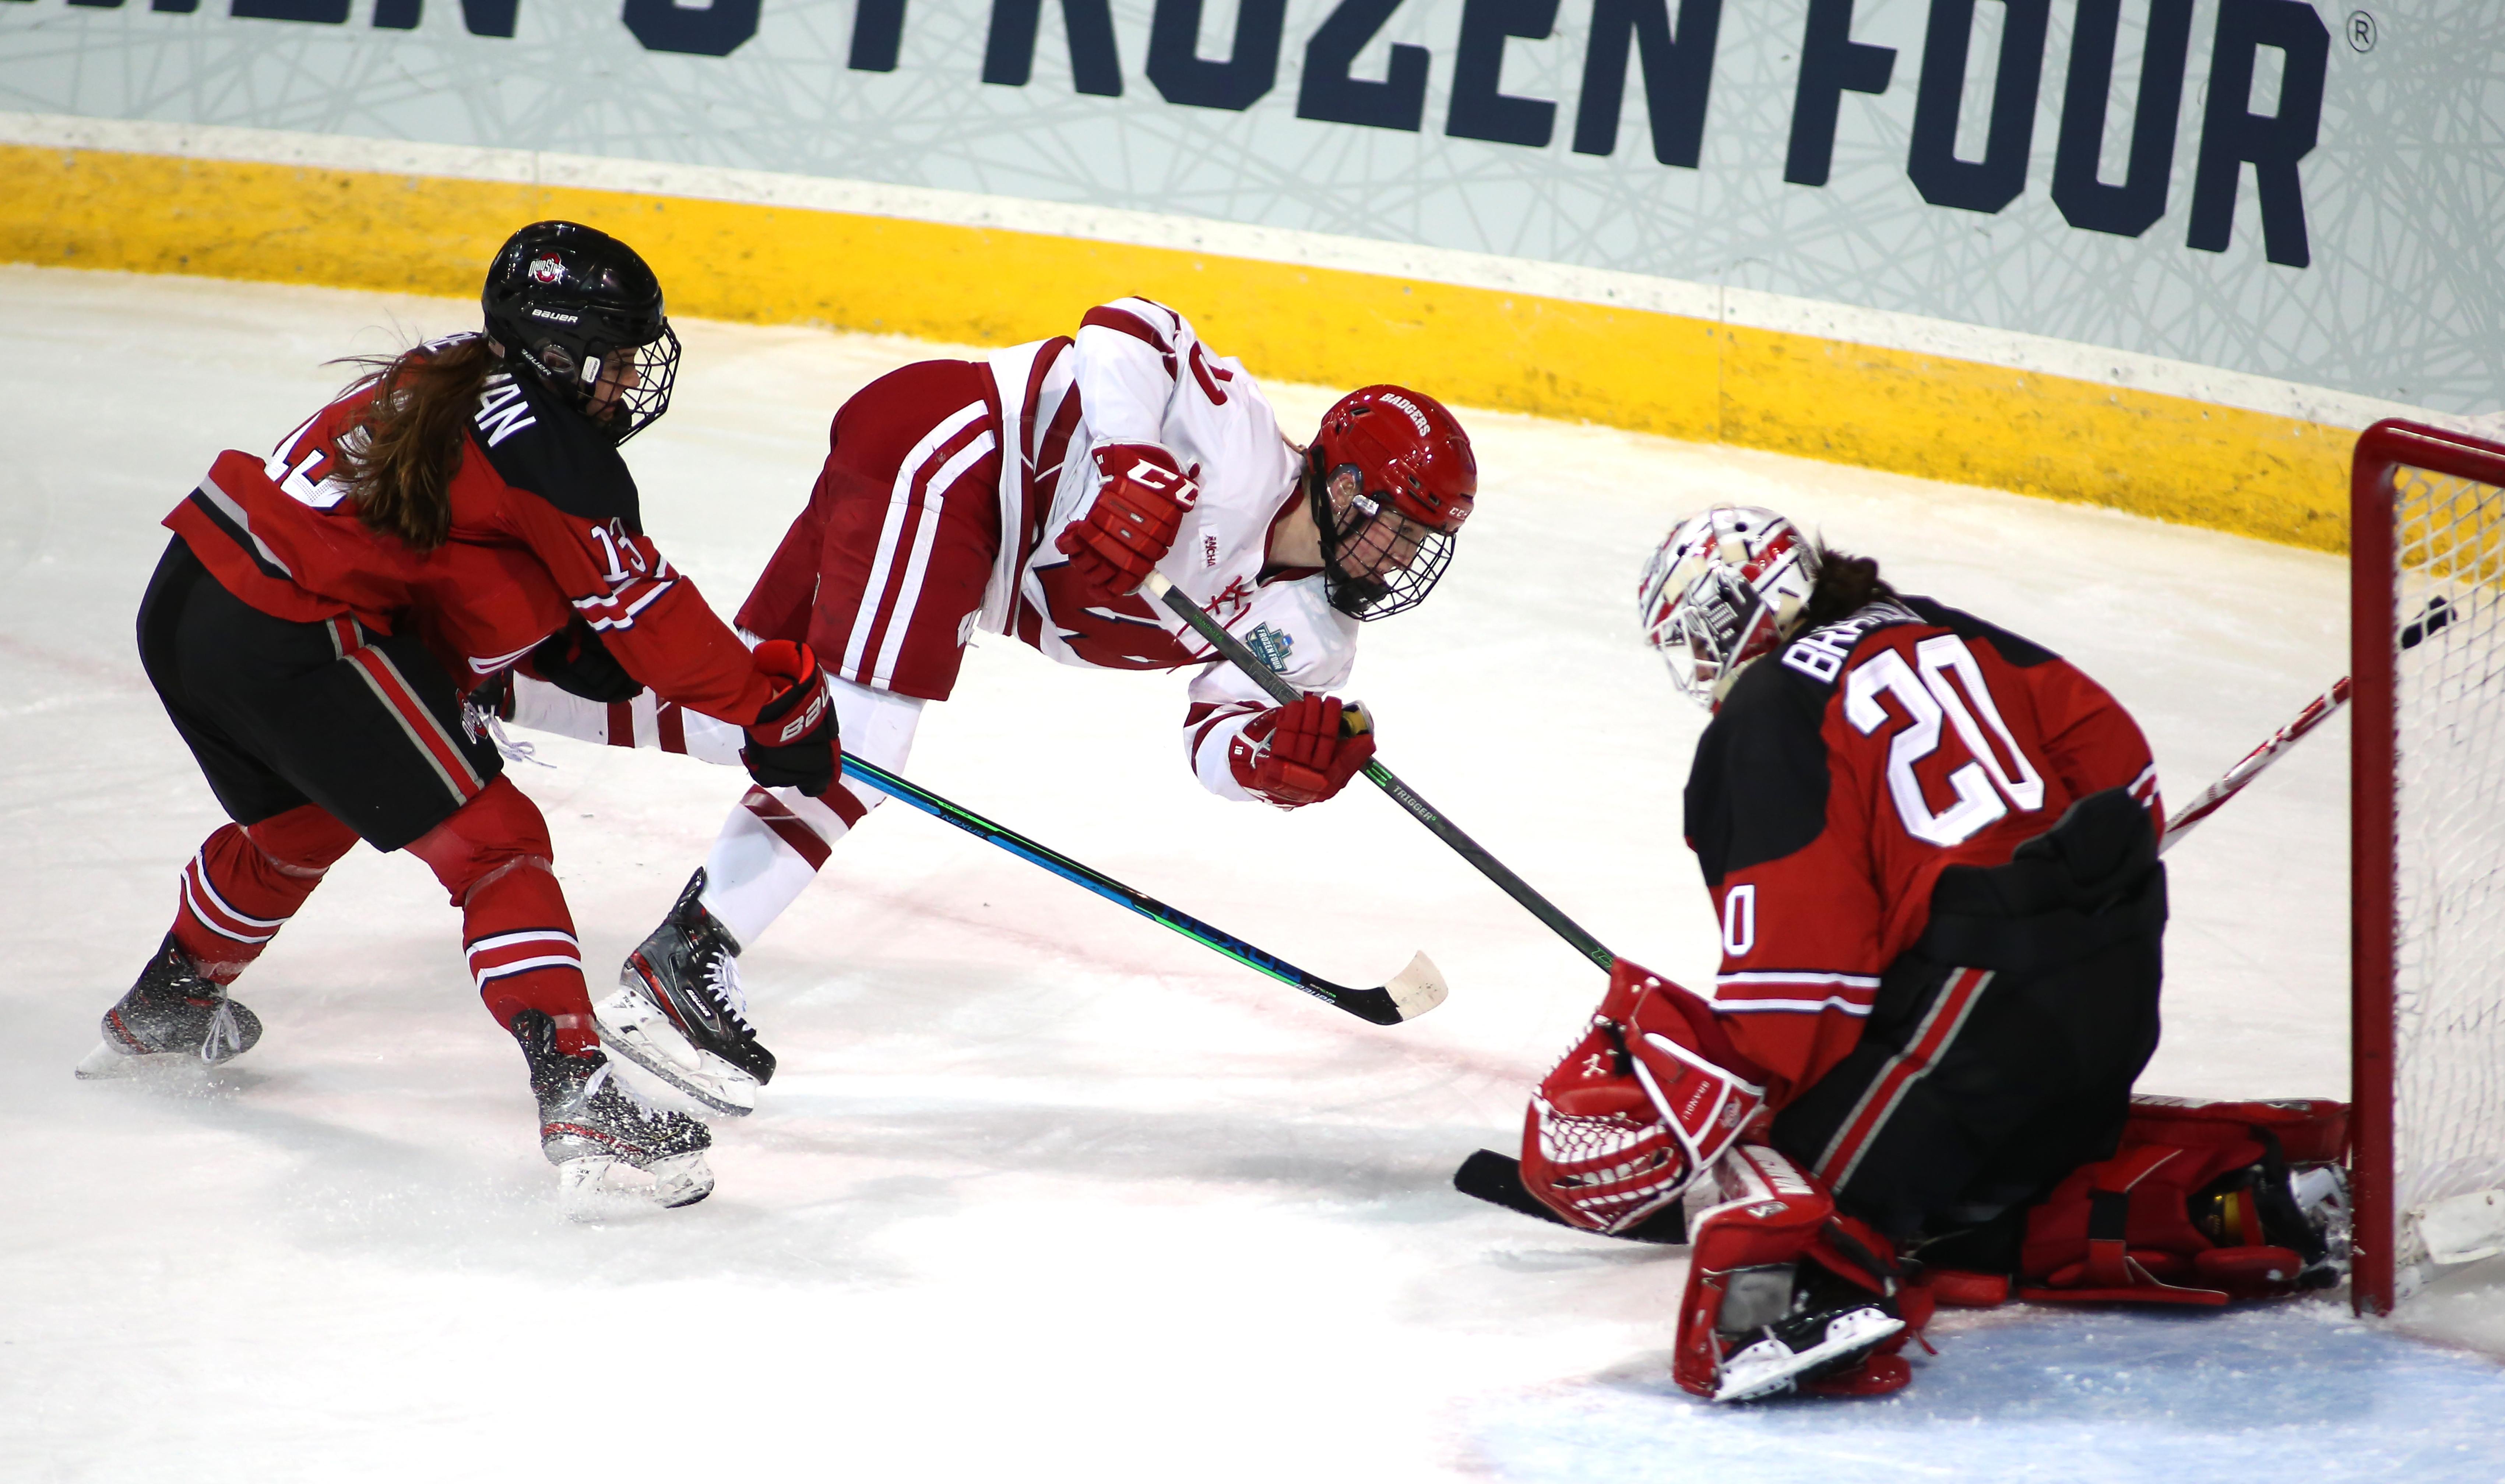 NCAA HOCKEY: MAR 18 Div I Women's Frozen Four - Ohio St. v Wisconsin